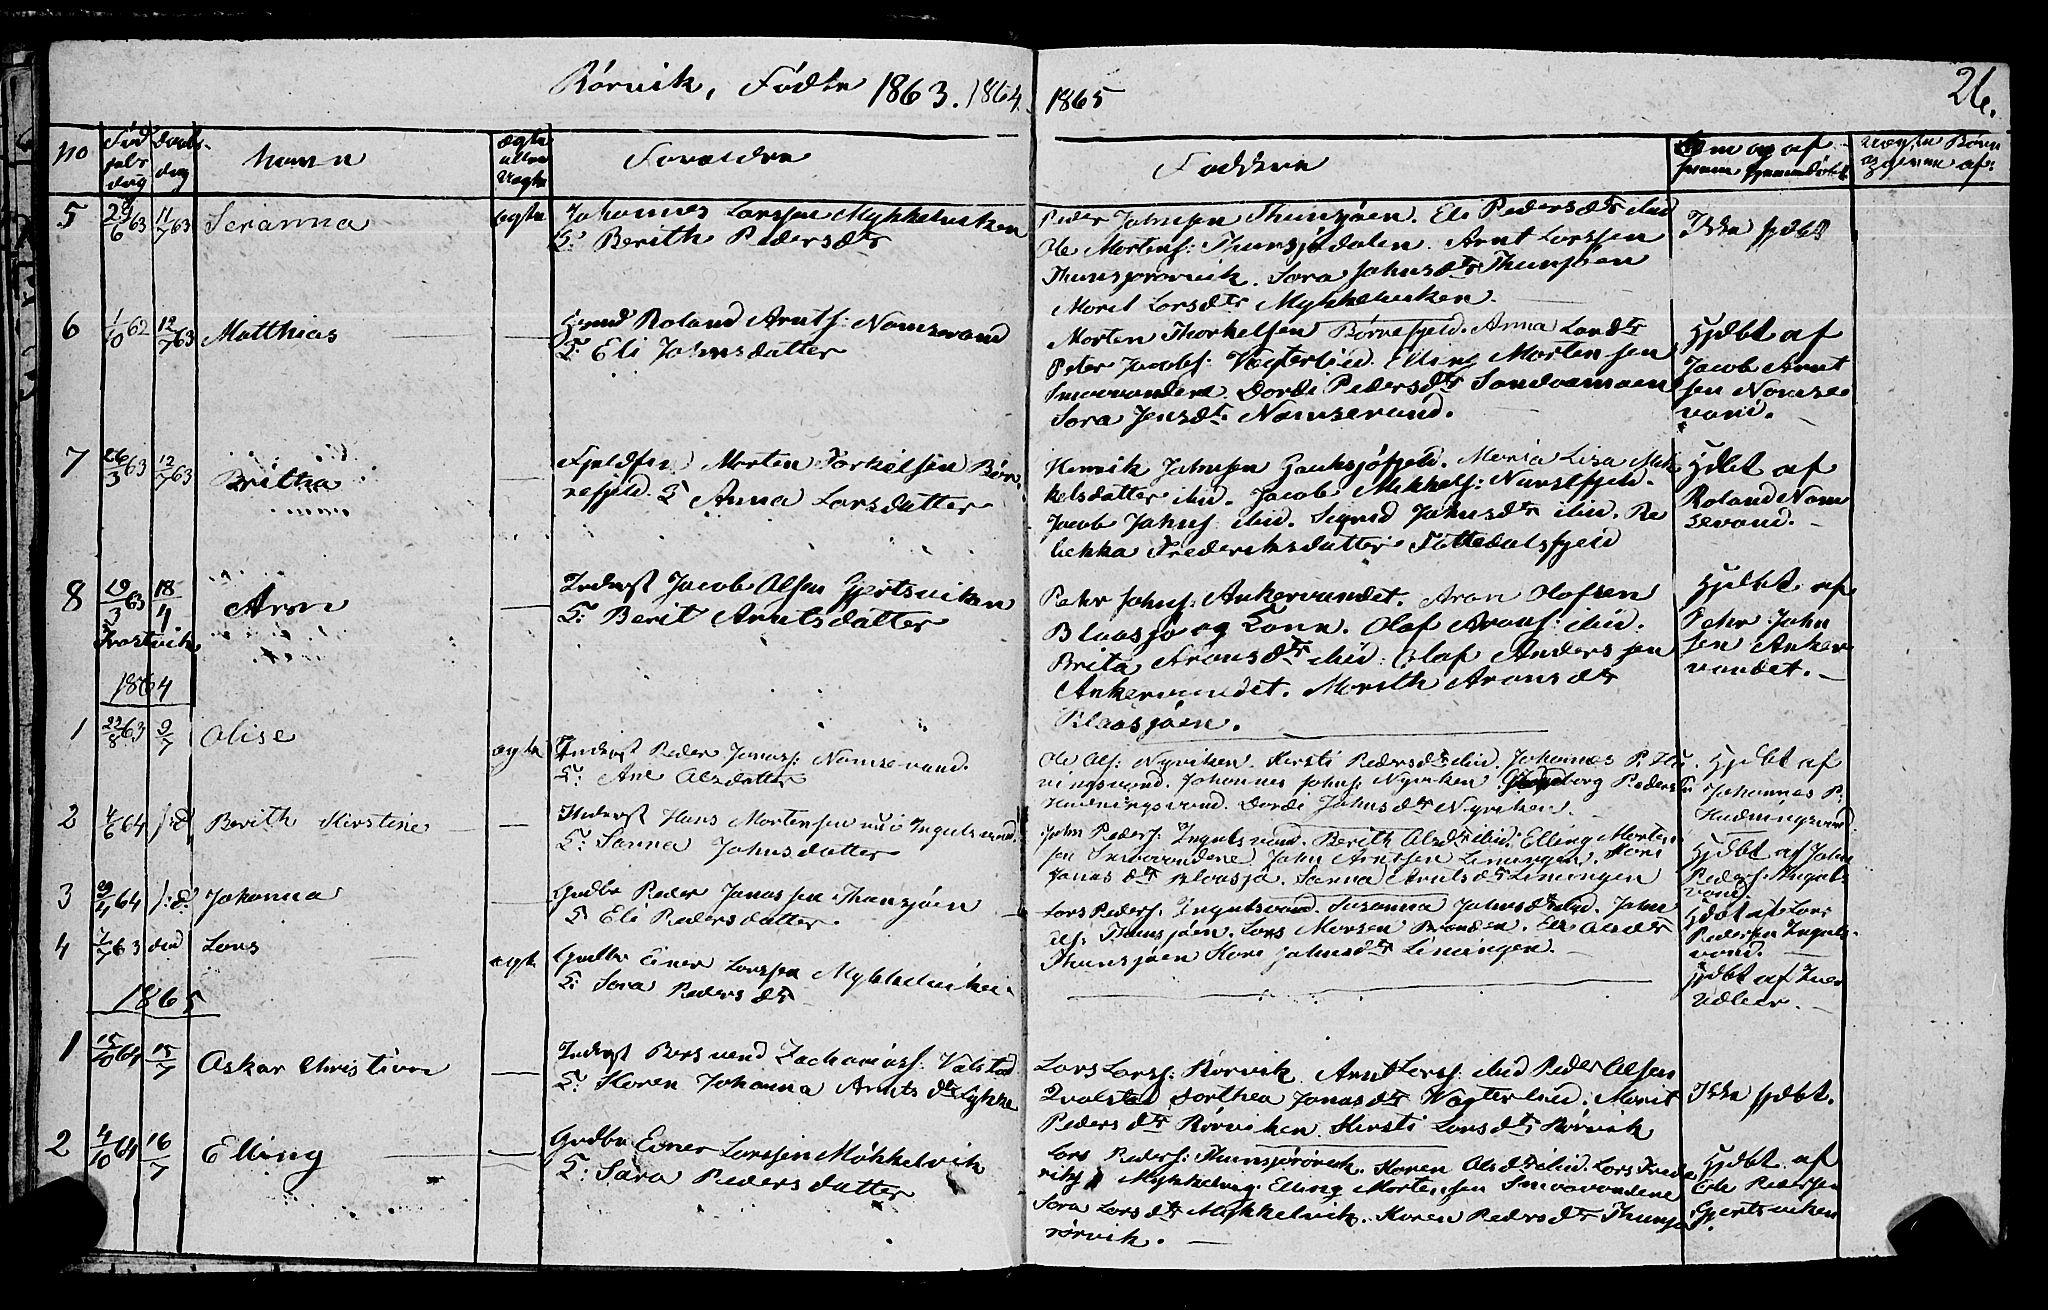 SAT, Ministerialprotokoller, klokkerbøker og fødselsregistre - Nord-Trøndelag, 762/L0538: Ministerialbok nr. 762A02 /1, 1833-1879, s. 26